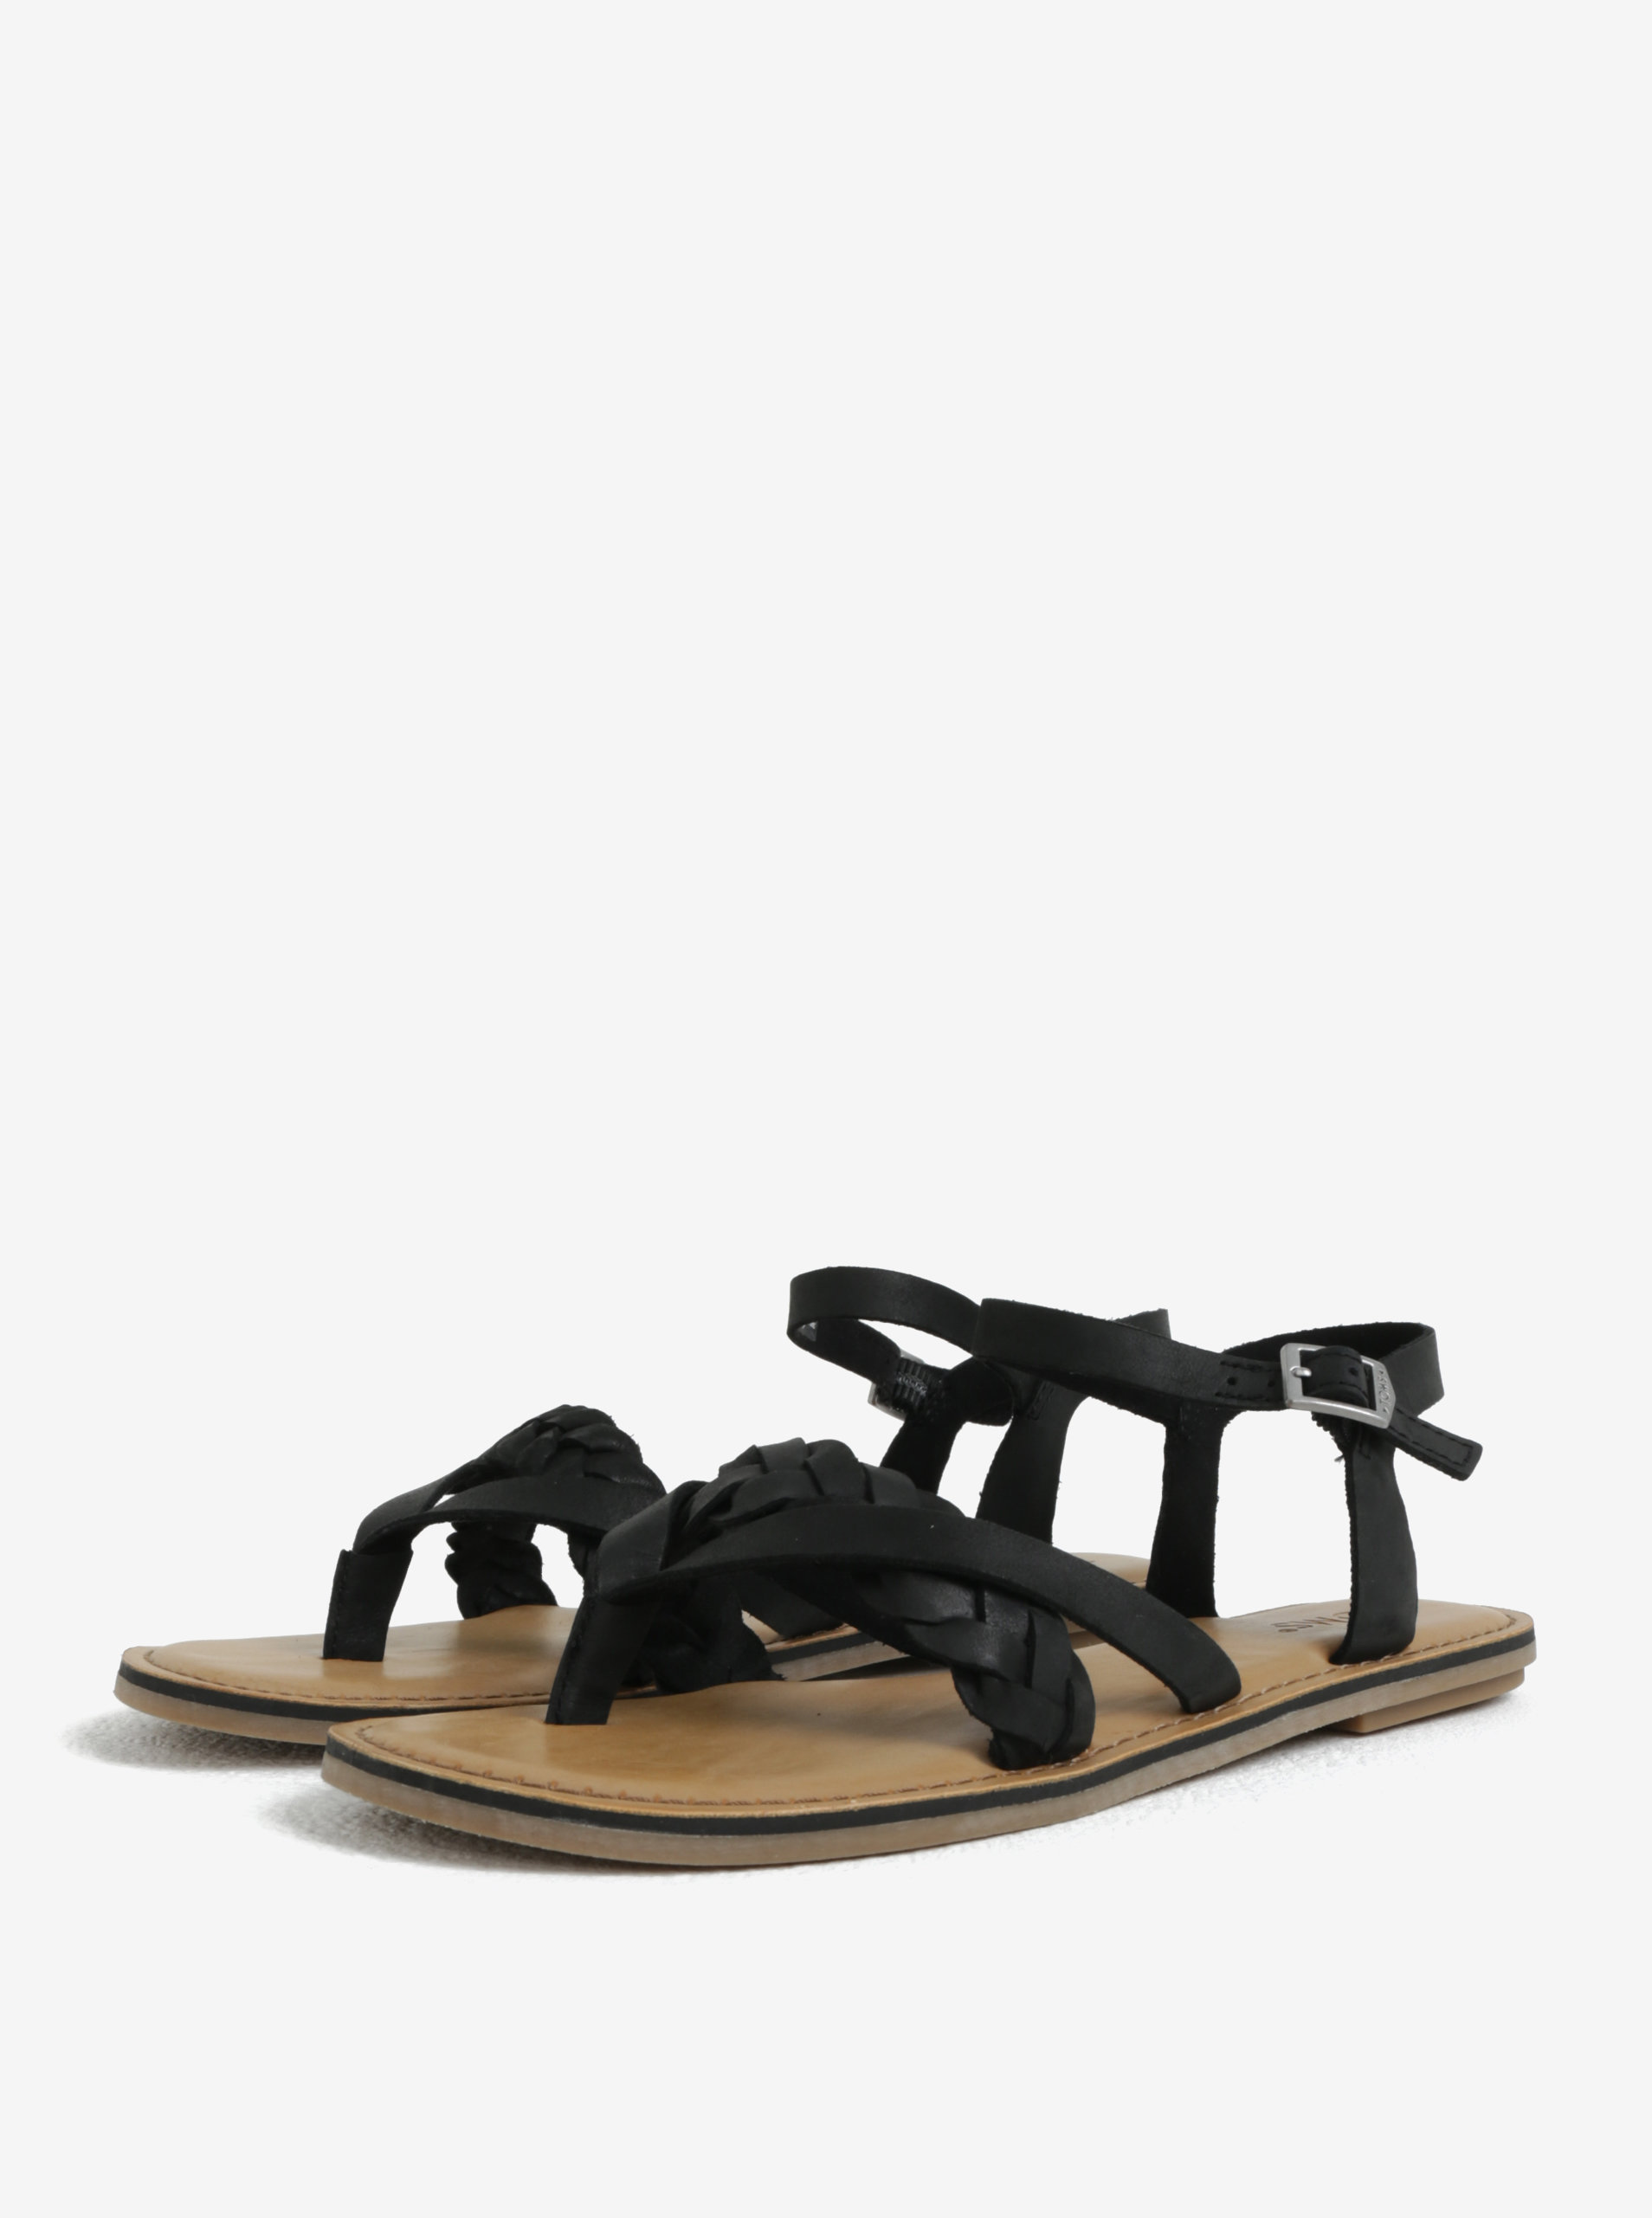 Černé dámské kožené sandály TOMS Lexie ... b650b765fb